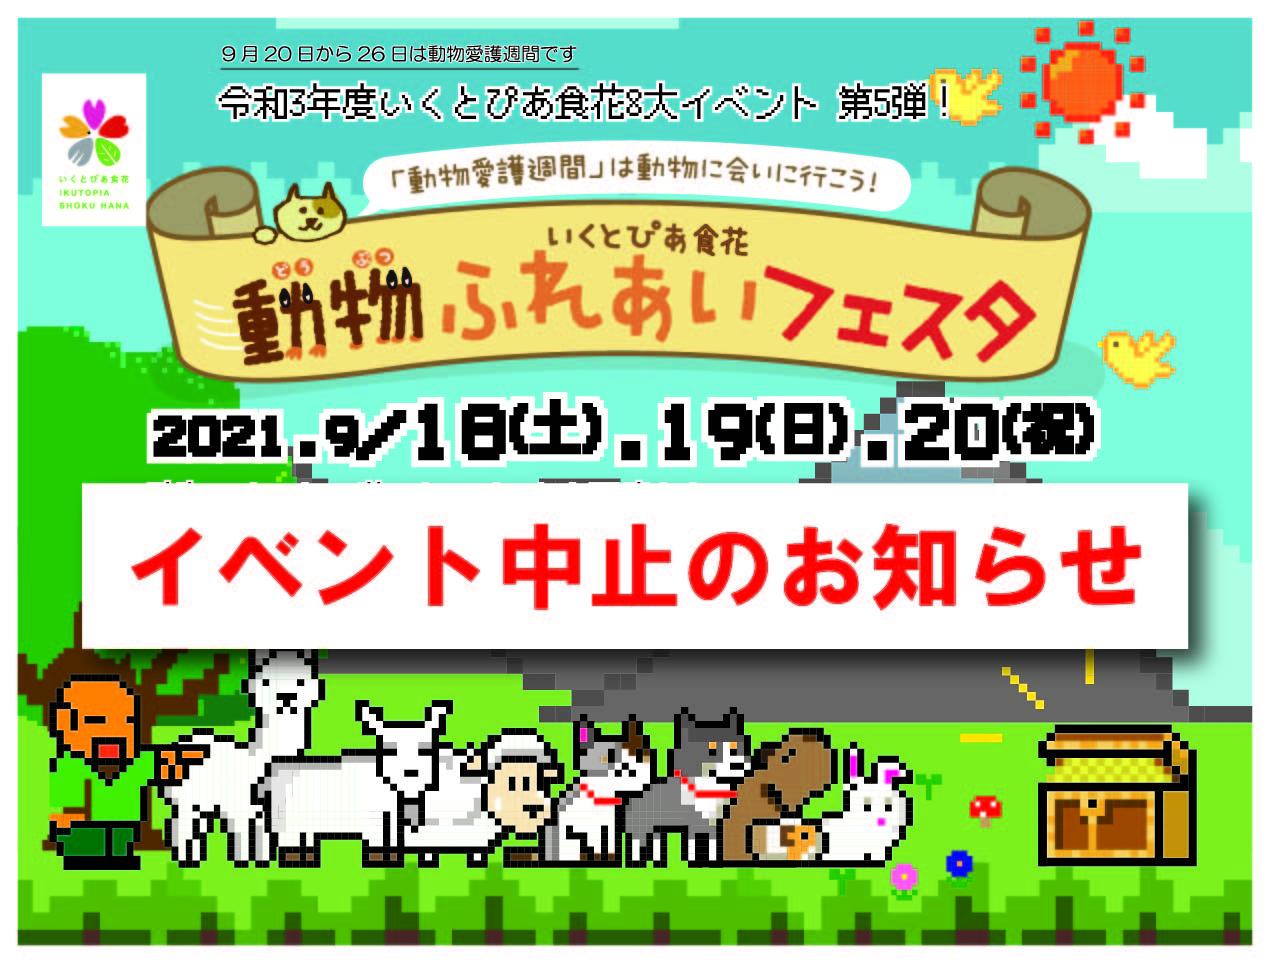 動物ふれあいフェスタ【中止のお知らせ】